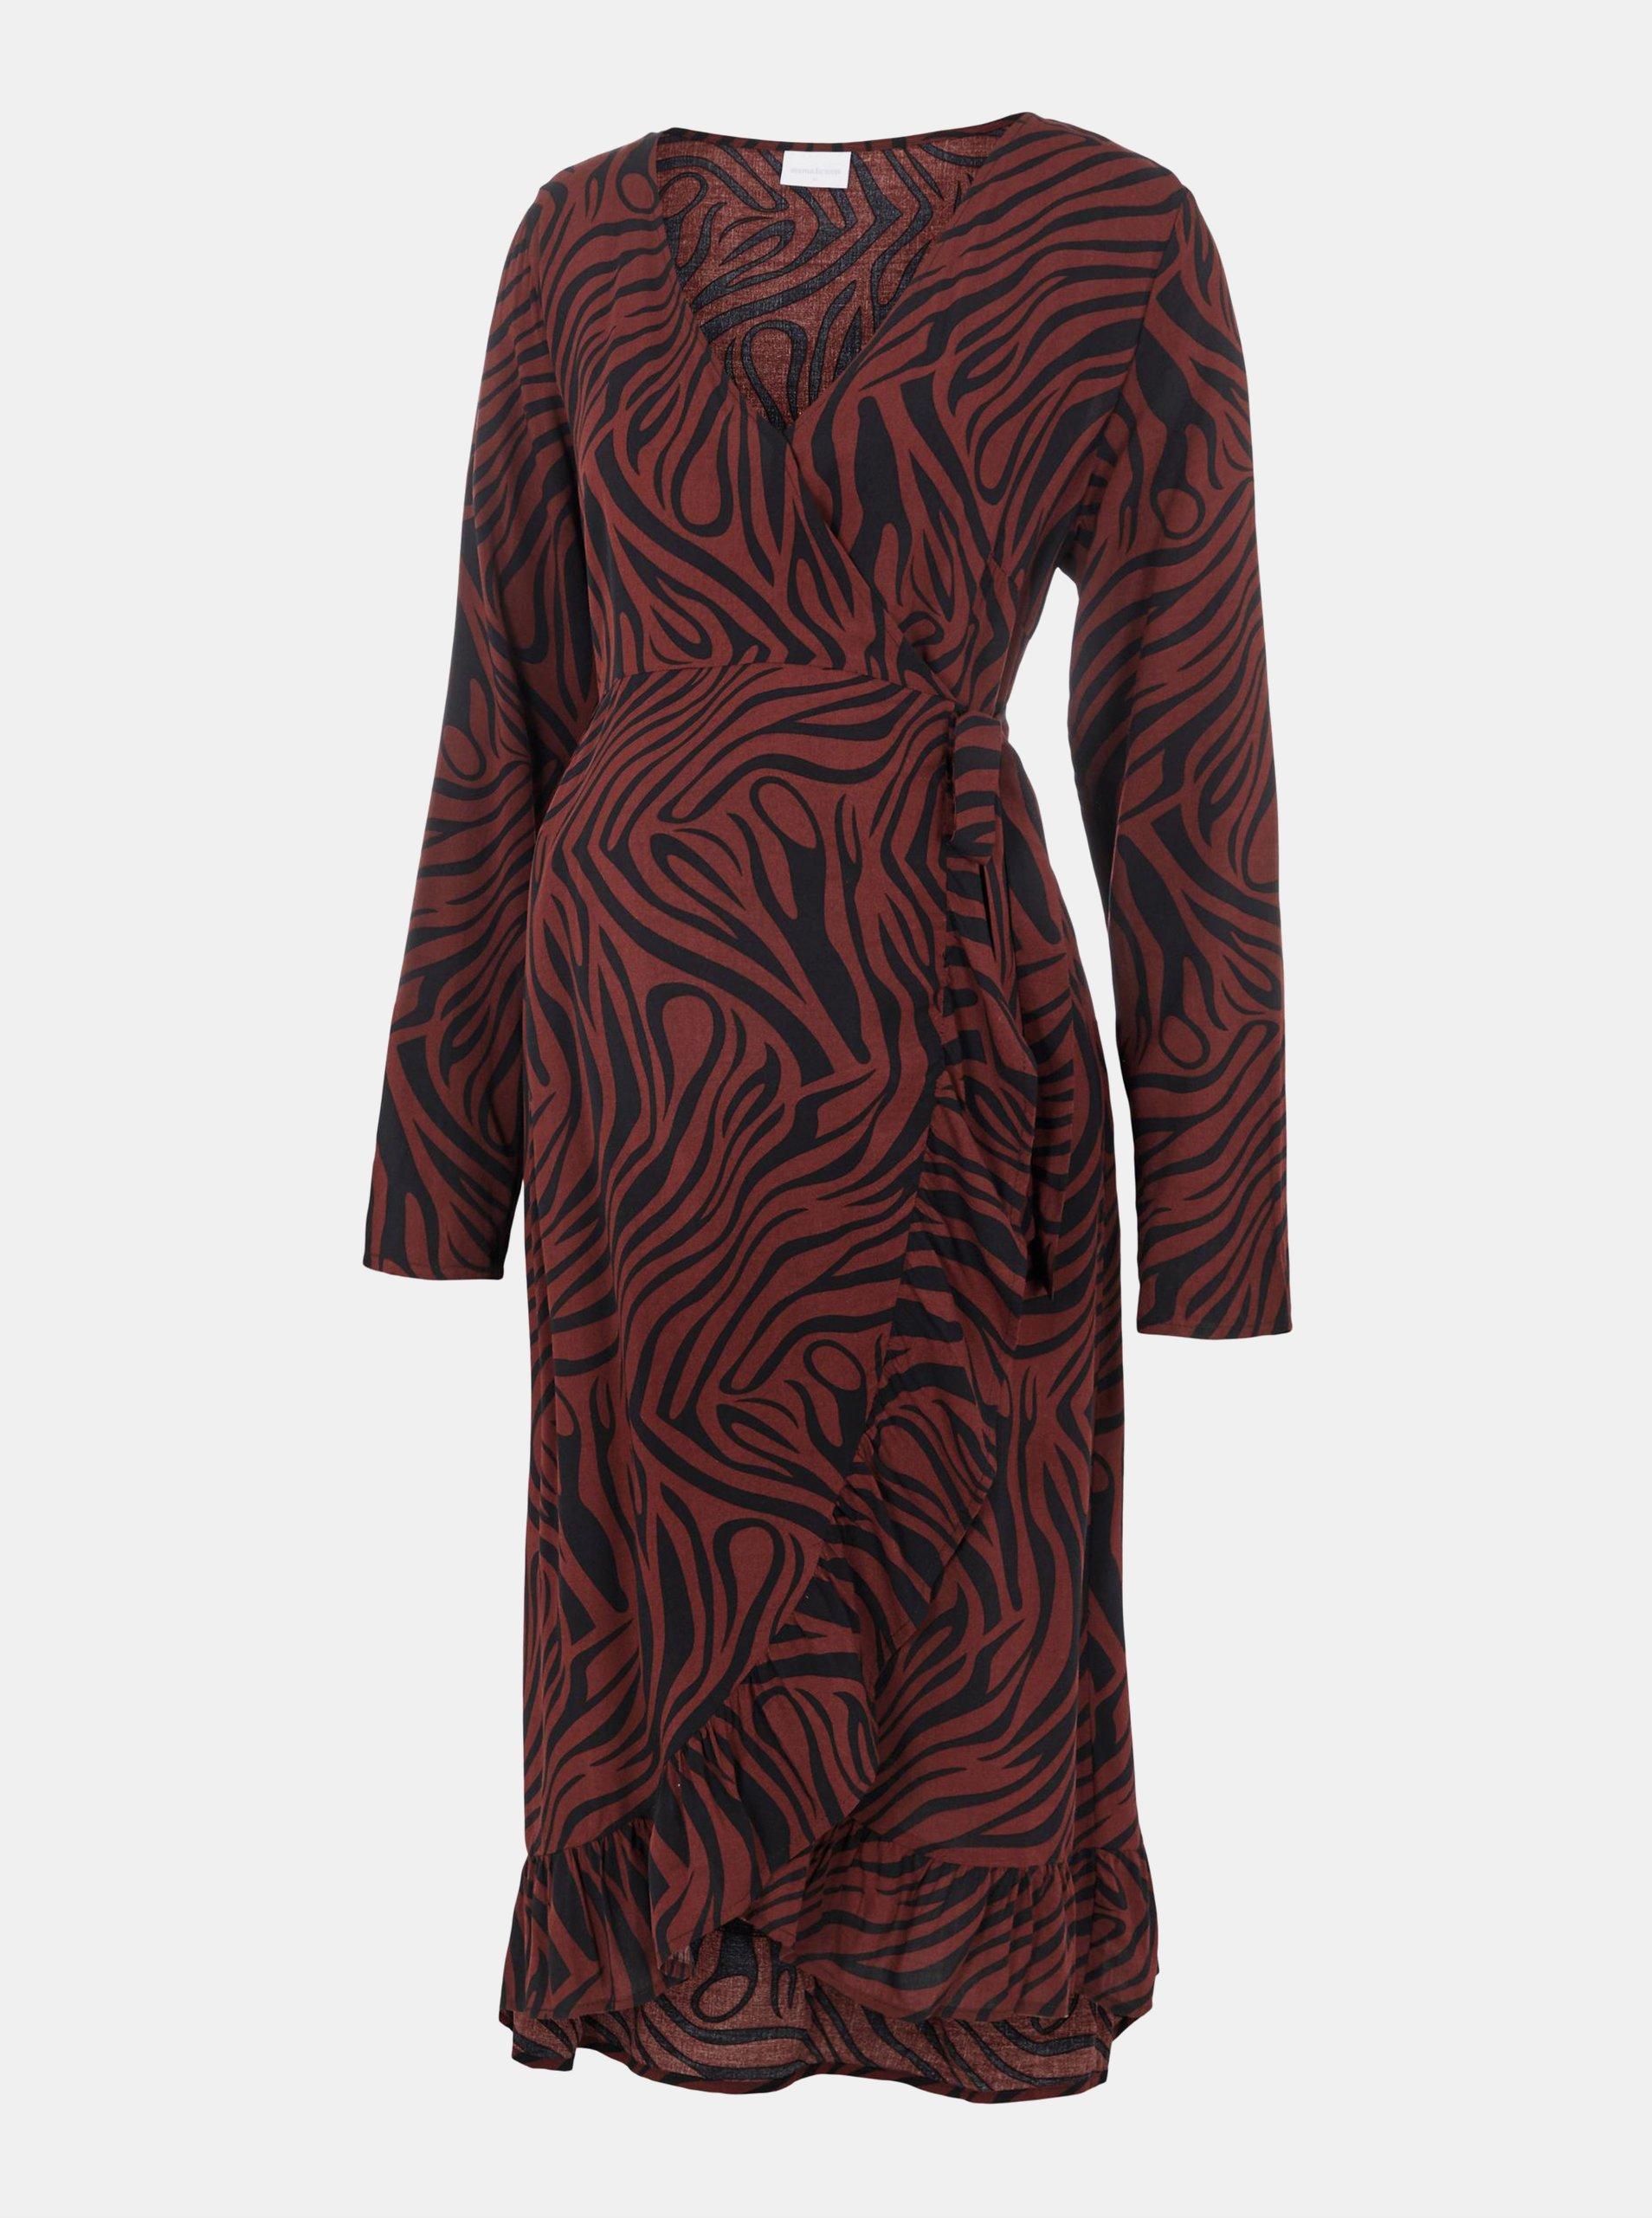 Hnedé zavinovacie vzorované tehotenské šaty Mama.licious.